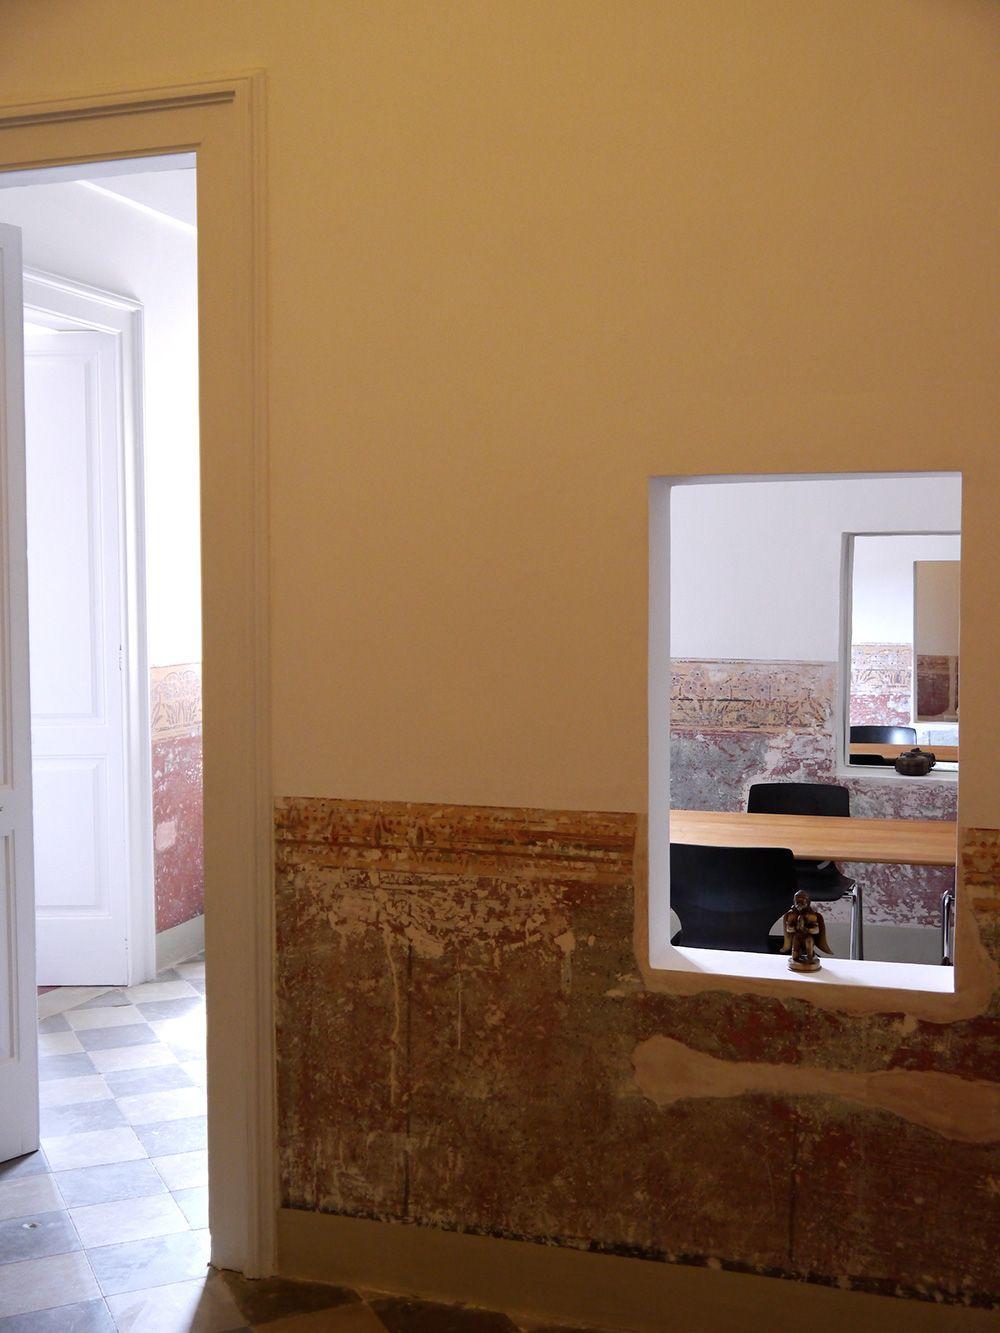 Alessandra Bianchi Architetto claudio colaci architetto | architetti, interior design, design